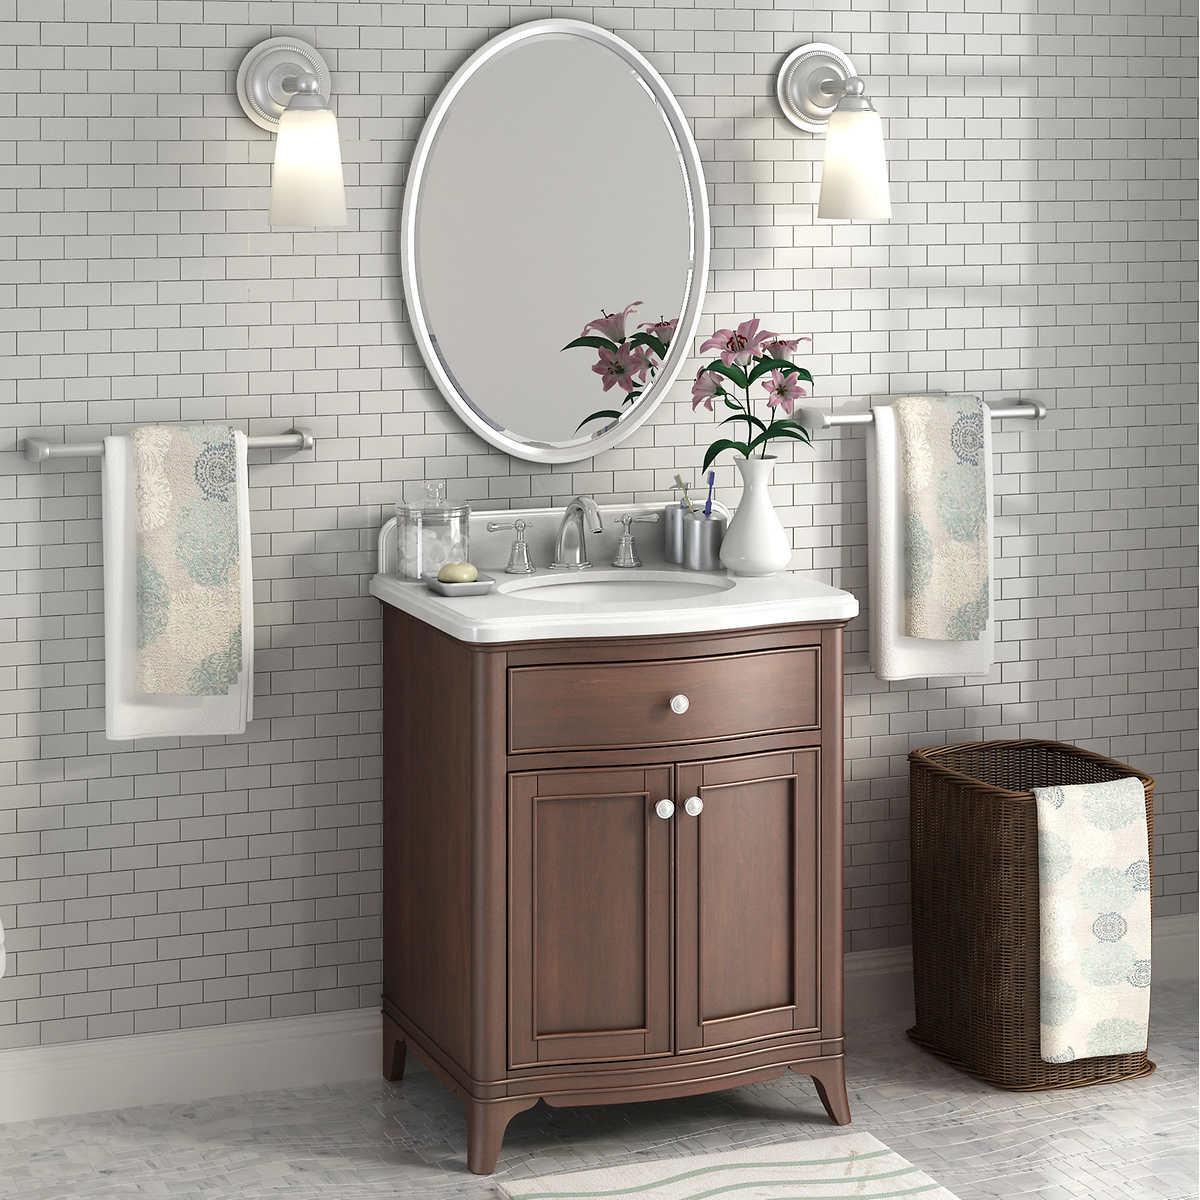 Bathroom Mirrors Costco lanza vanities | costco